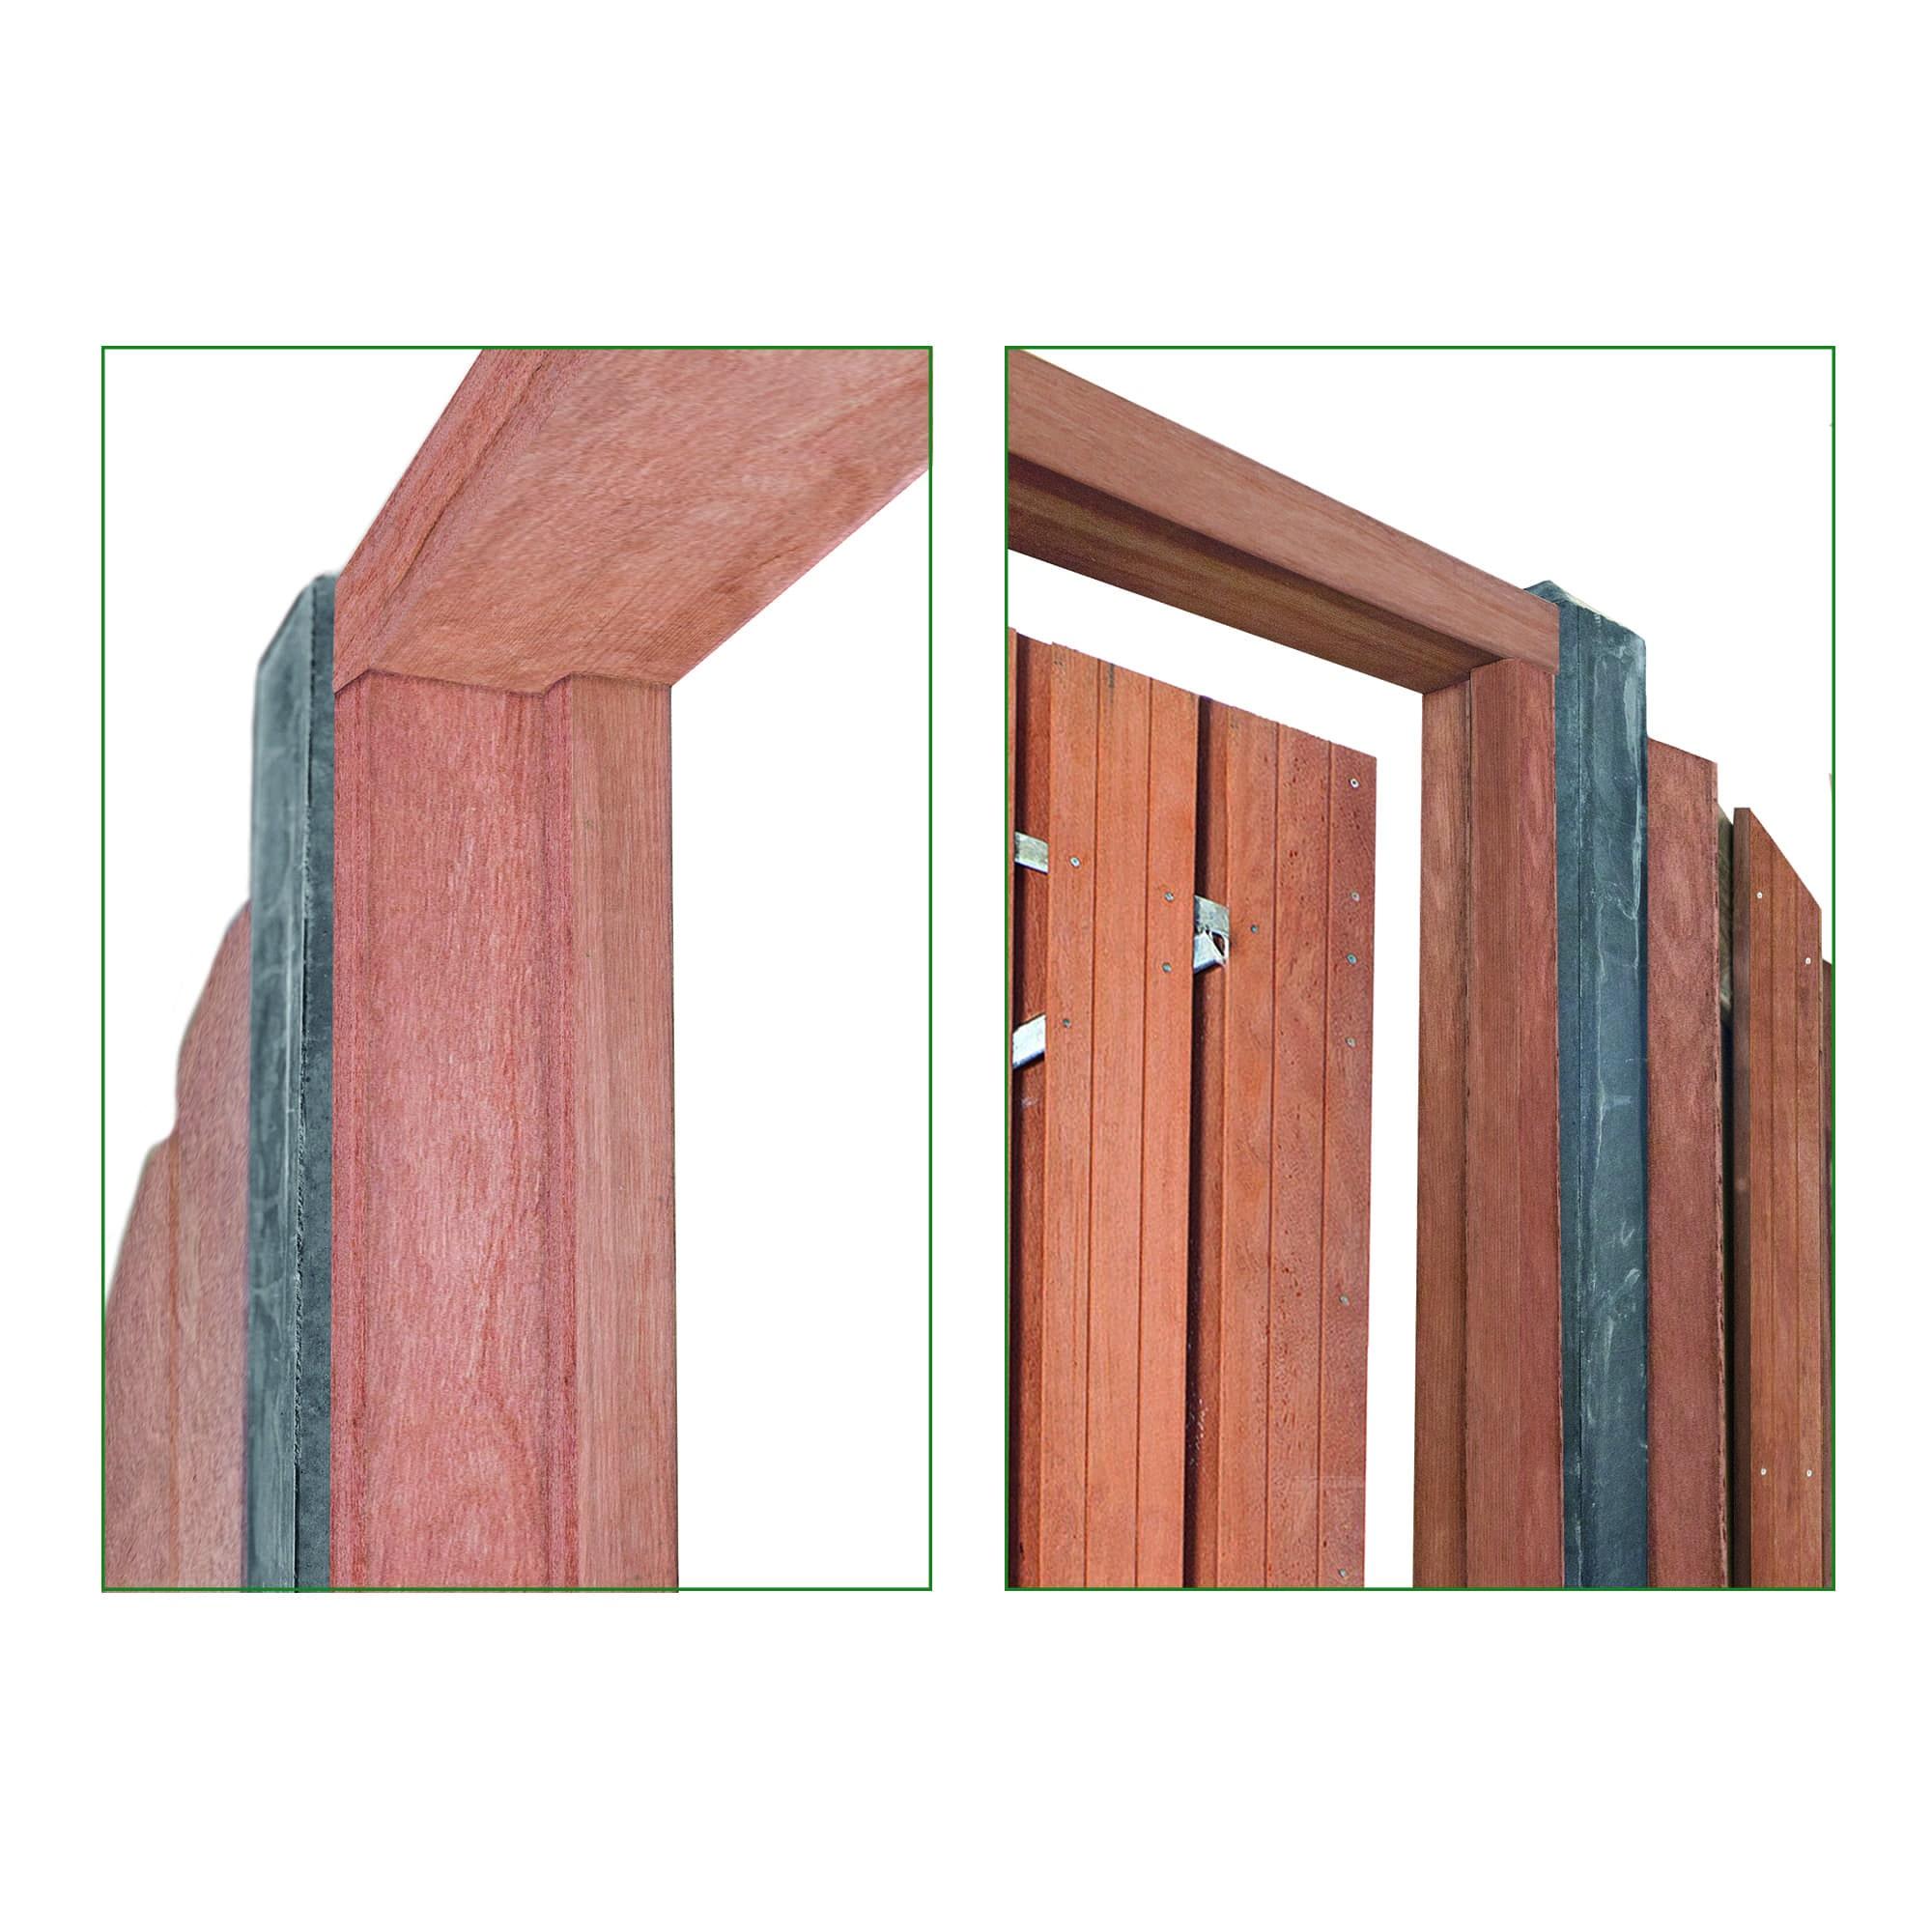 Houten deurkozijn + aanslagligger Type: Hardhout